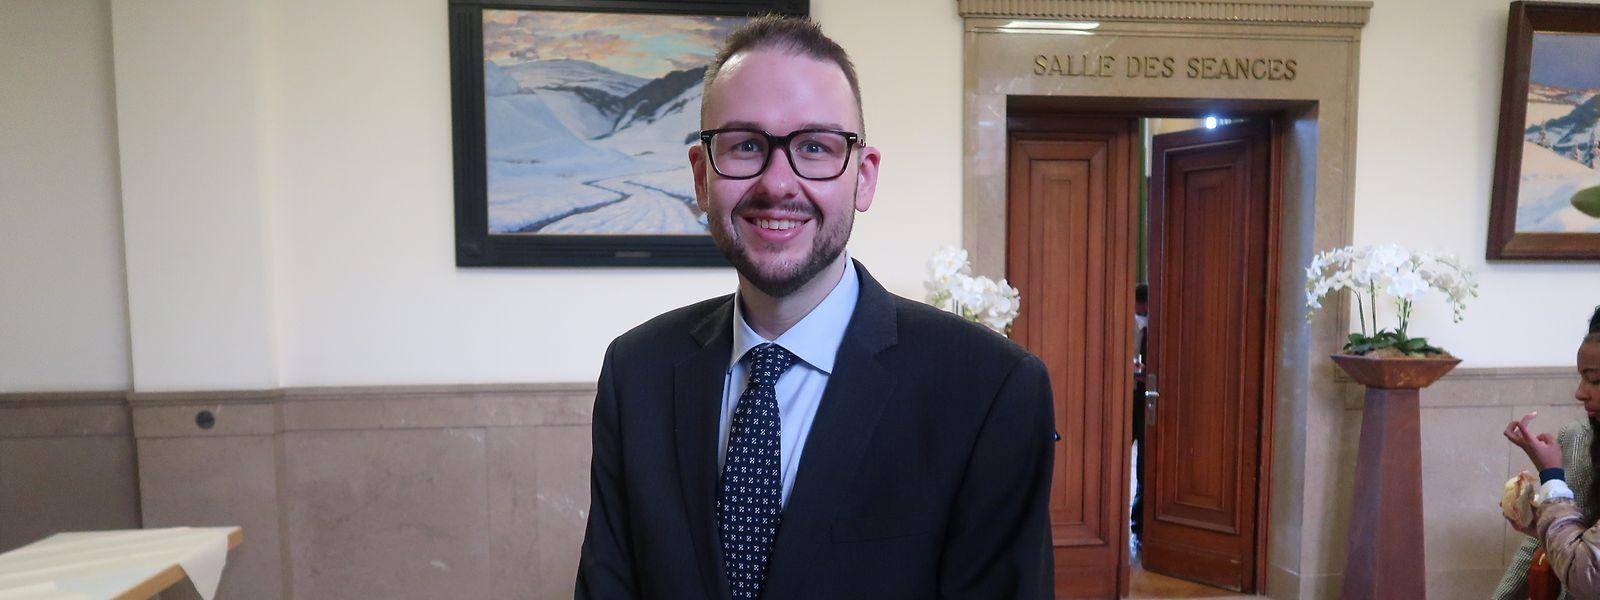 Christian Weis (CSV) wurde am Freitag einstimmig vom Escher Gemeinderat zum neuen Schöffen gewählt. Noch muss er von Innenministerin Taina Bofferding (LSAP) vereidigt werden.